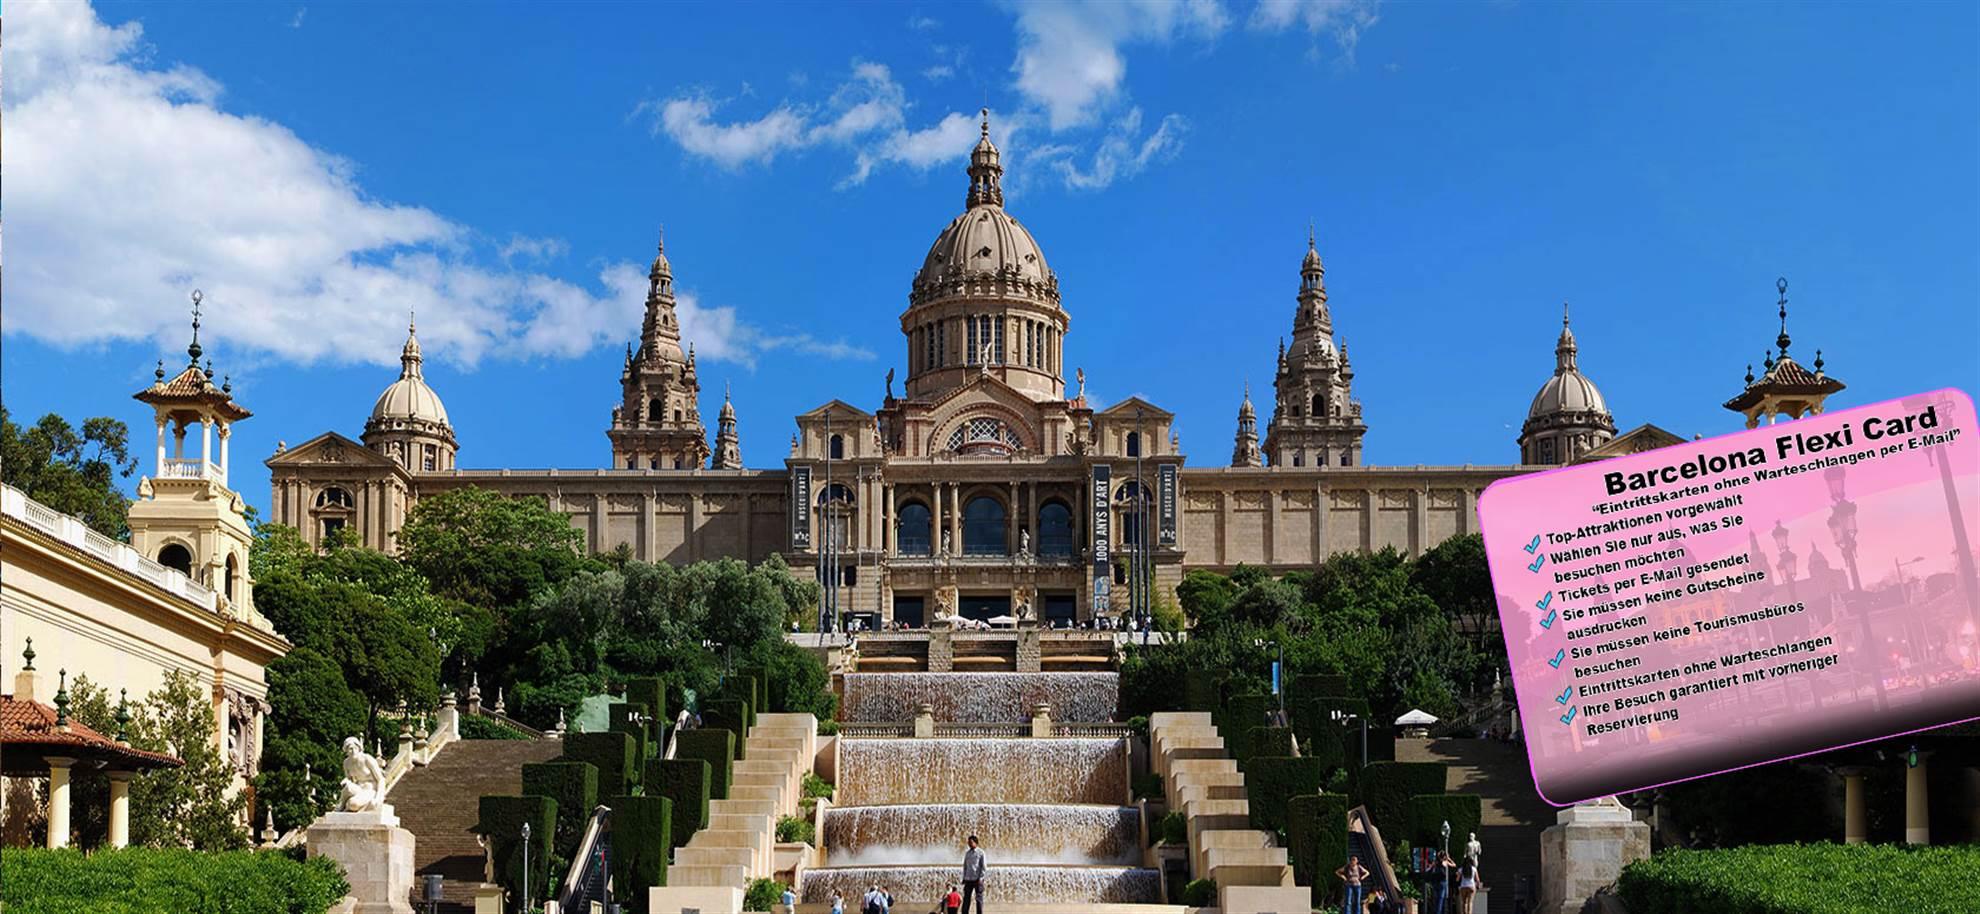 BCN Flexi-Karte: Erstellen Sie Ihre eigene Karte (optional Sagrada Familia & Park Güell)